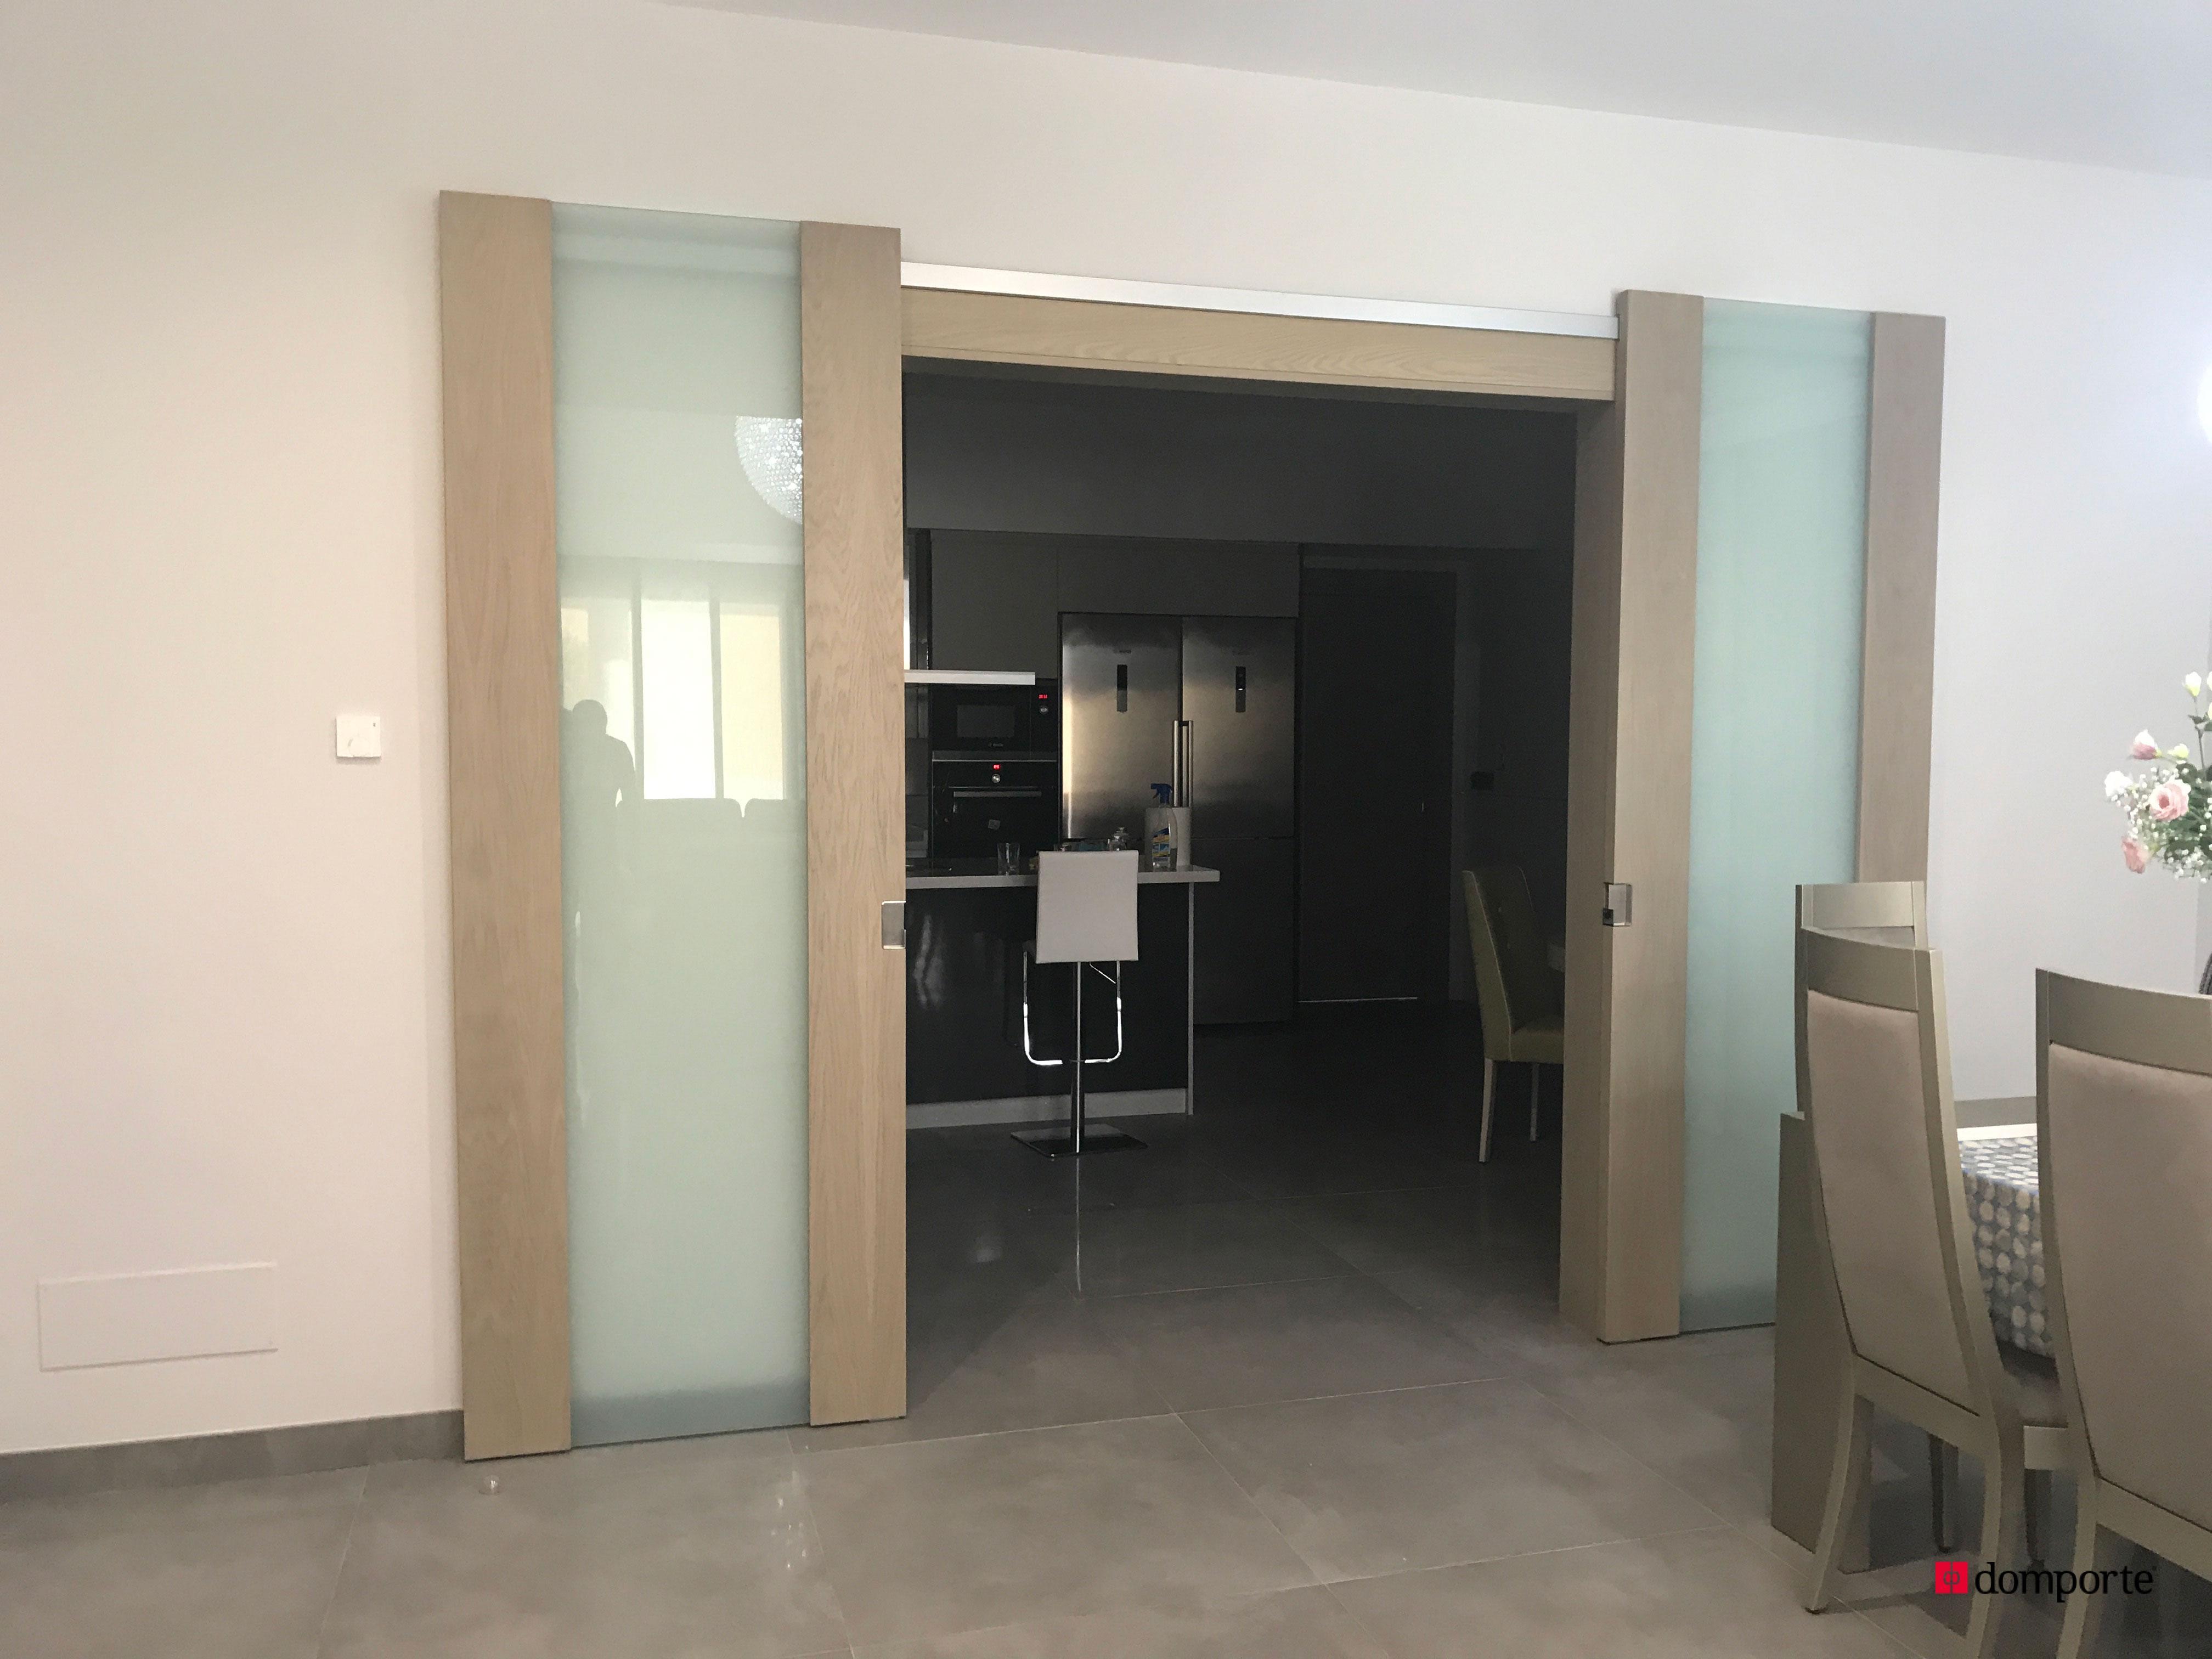 Domporte puerta doble corredera cristalera con guias vistas domporte - Puerta corredera doble ...